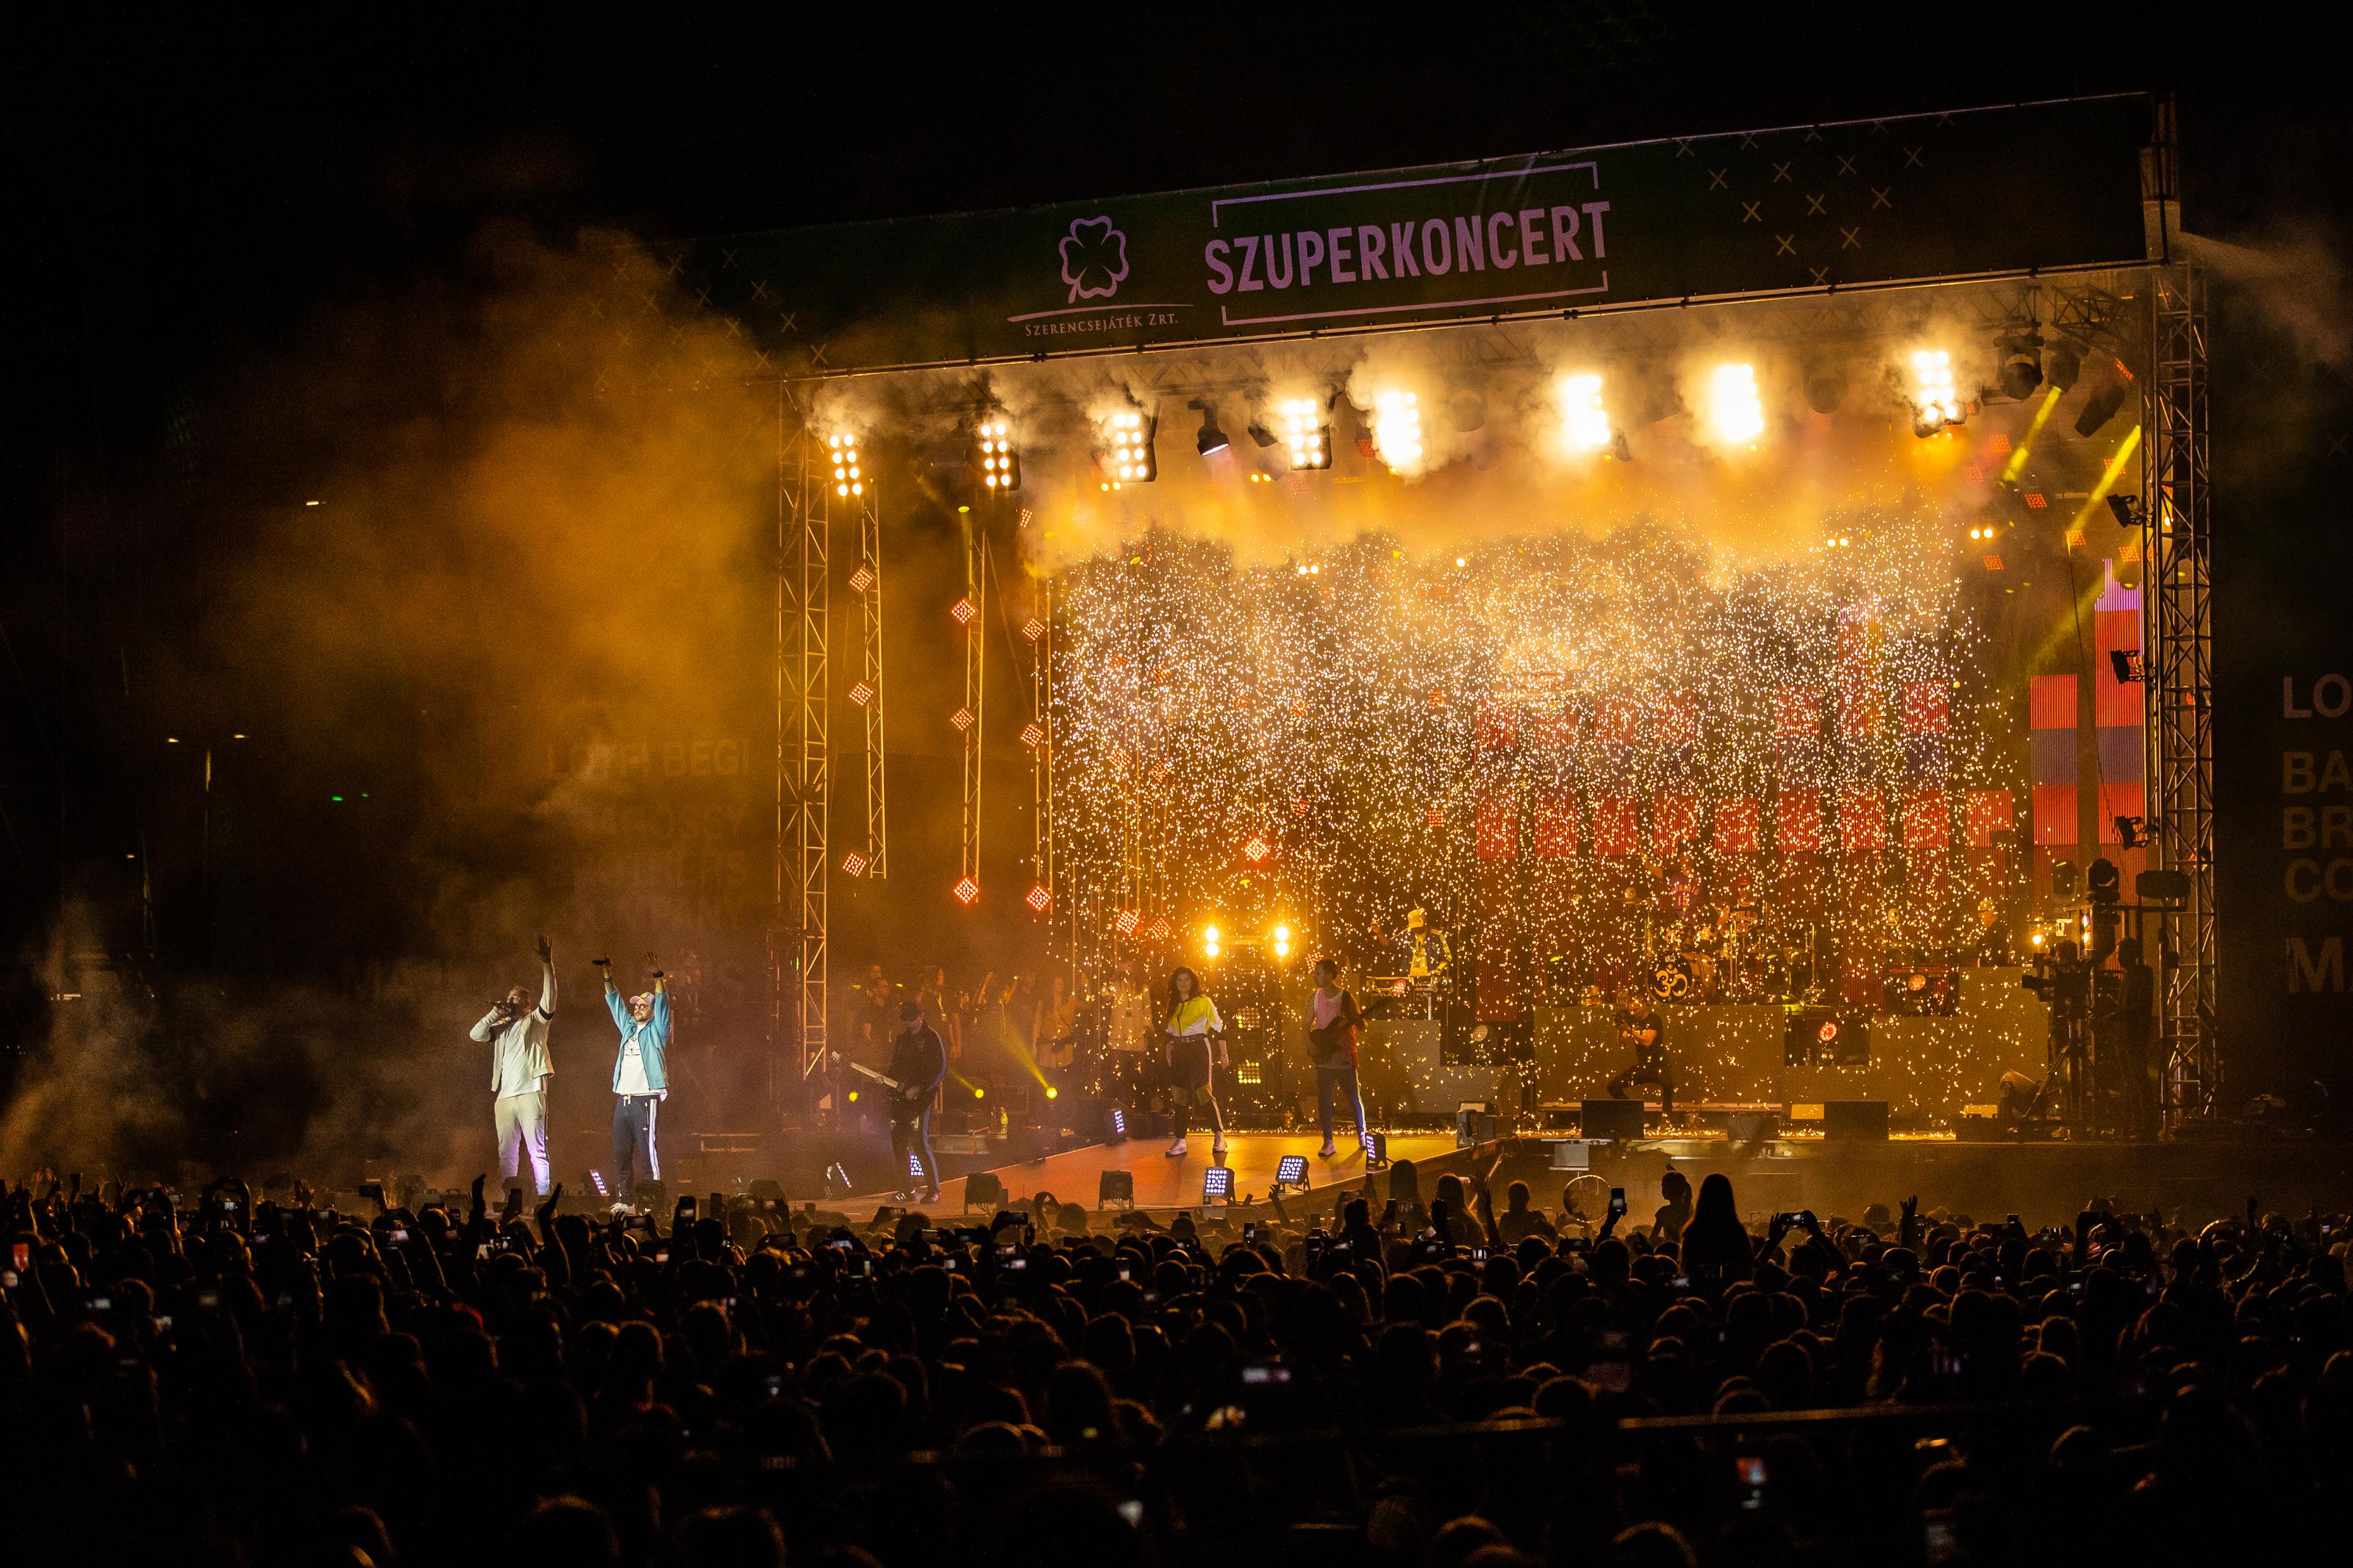 Megtelt a Puskás Aréna Szoborparkja - közel 35 ezren ünnepeltek